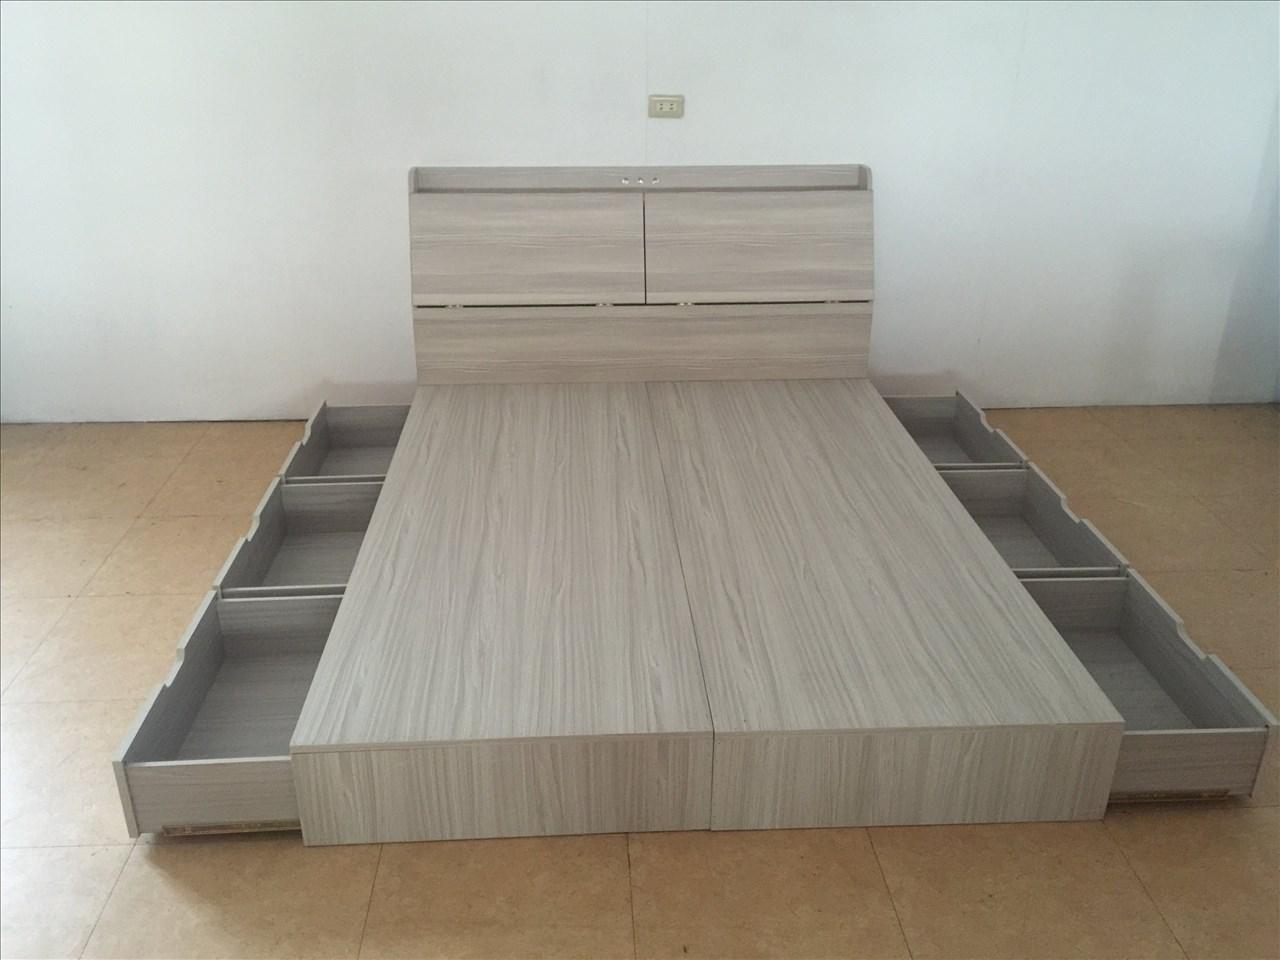 【石川家居】SD-66 裝潢設計愛用色現代5尺6分板抽屜收納床底(不含床頭)六抽屜 100%台灣製造 不含其他商品